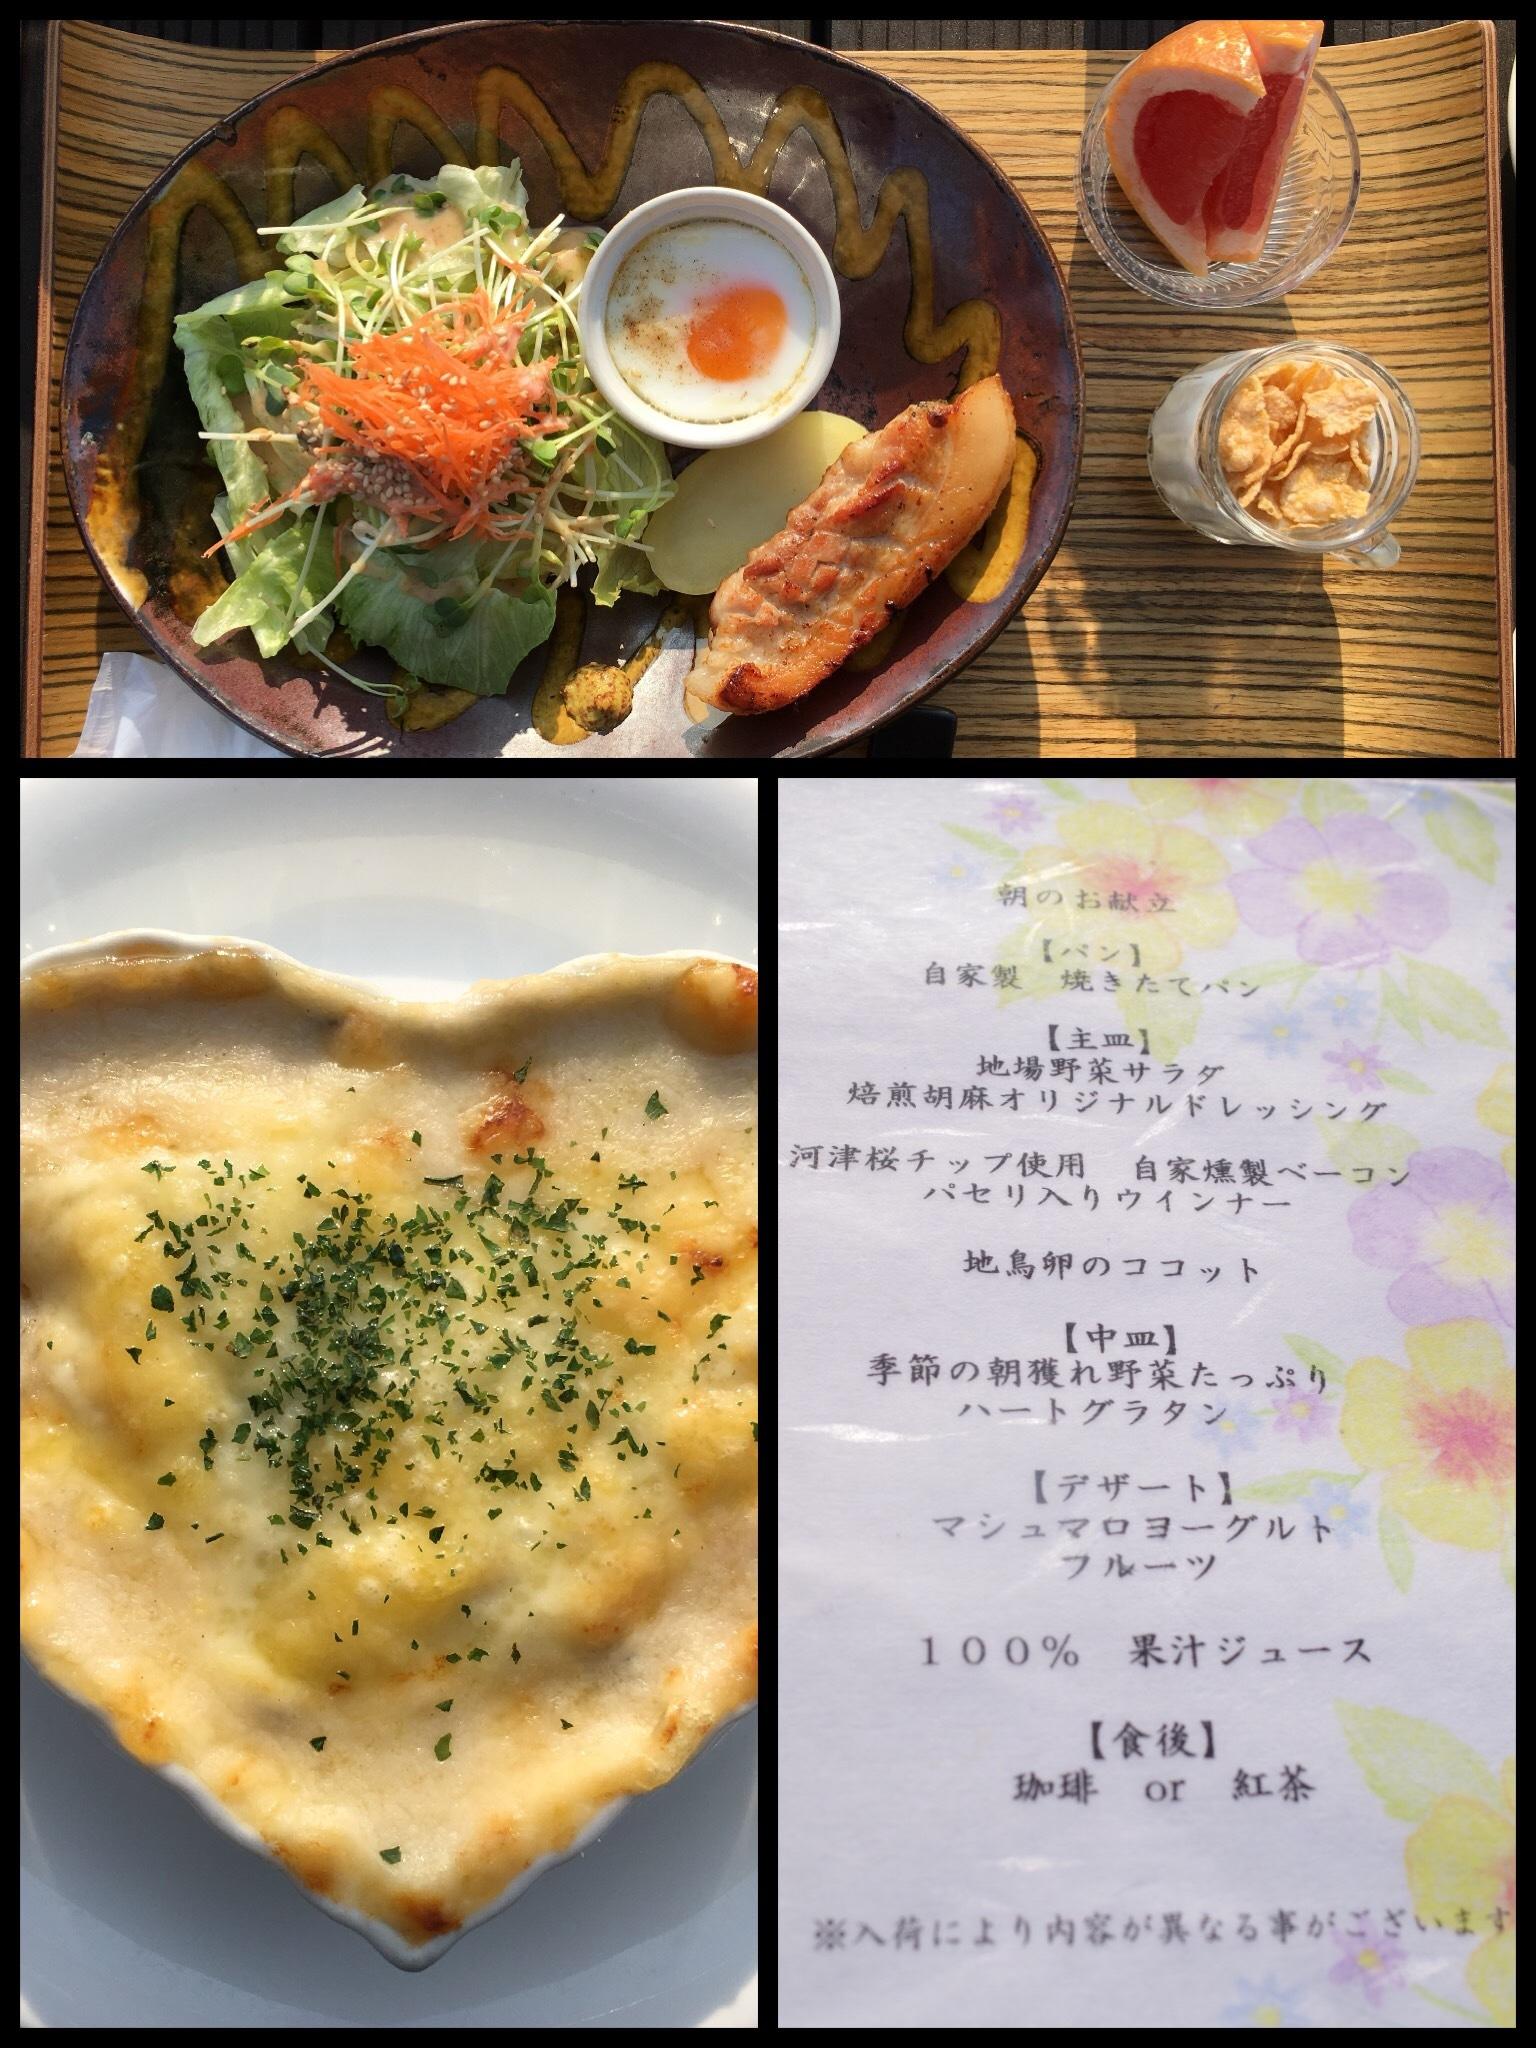 伊豆高原 記念日を祝う宿 自然家 Haco 朝食